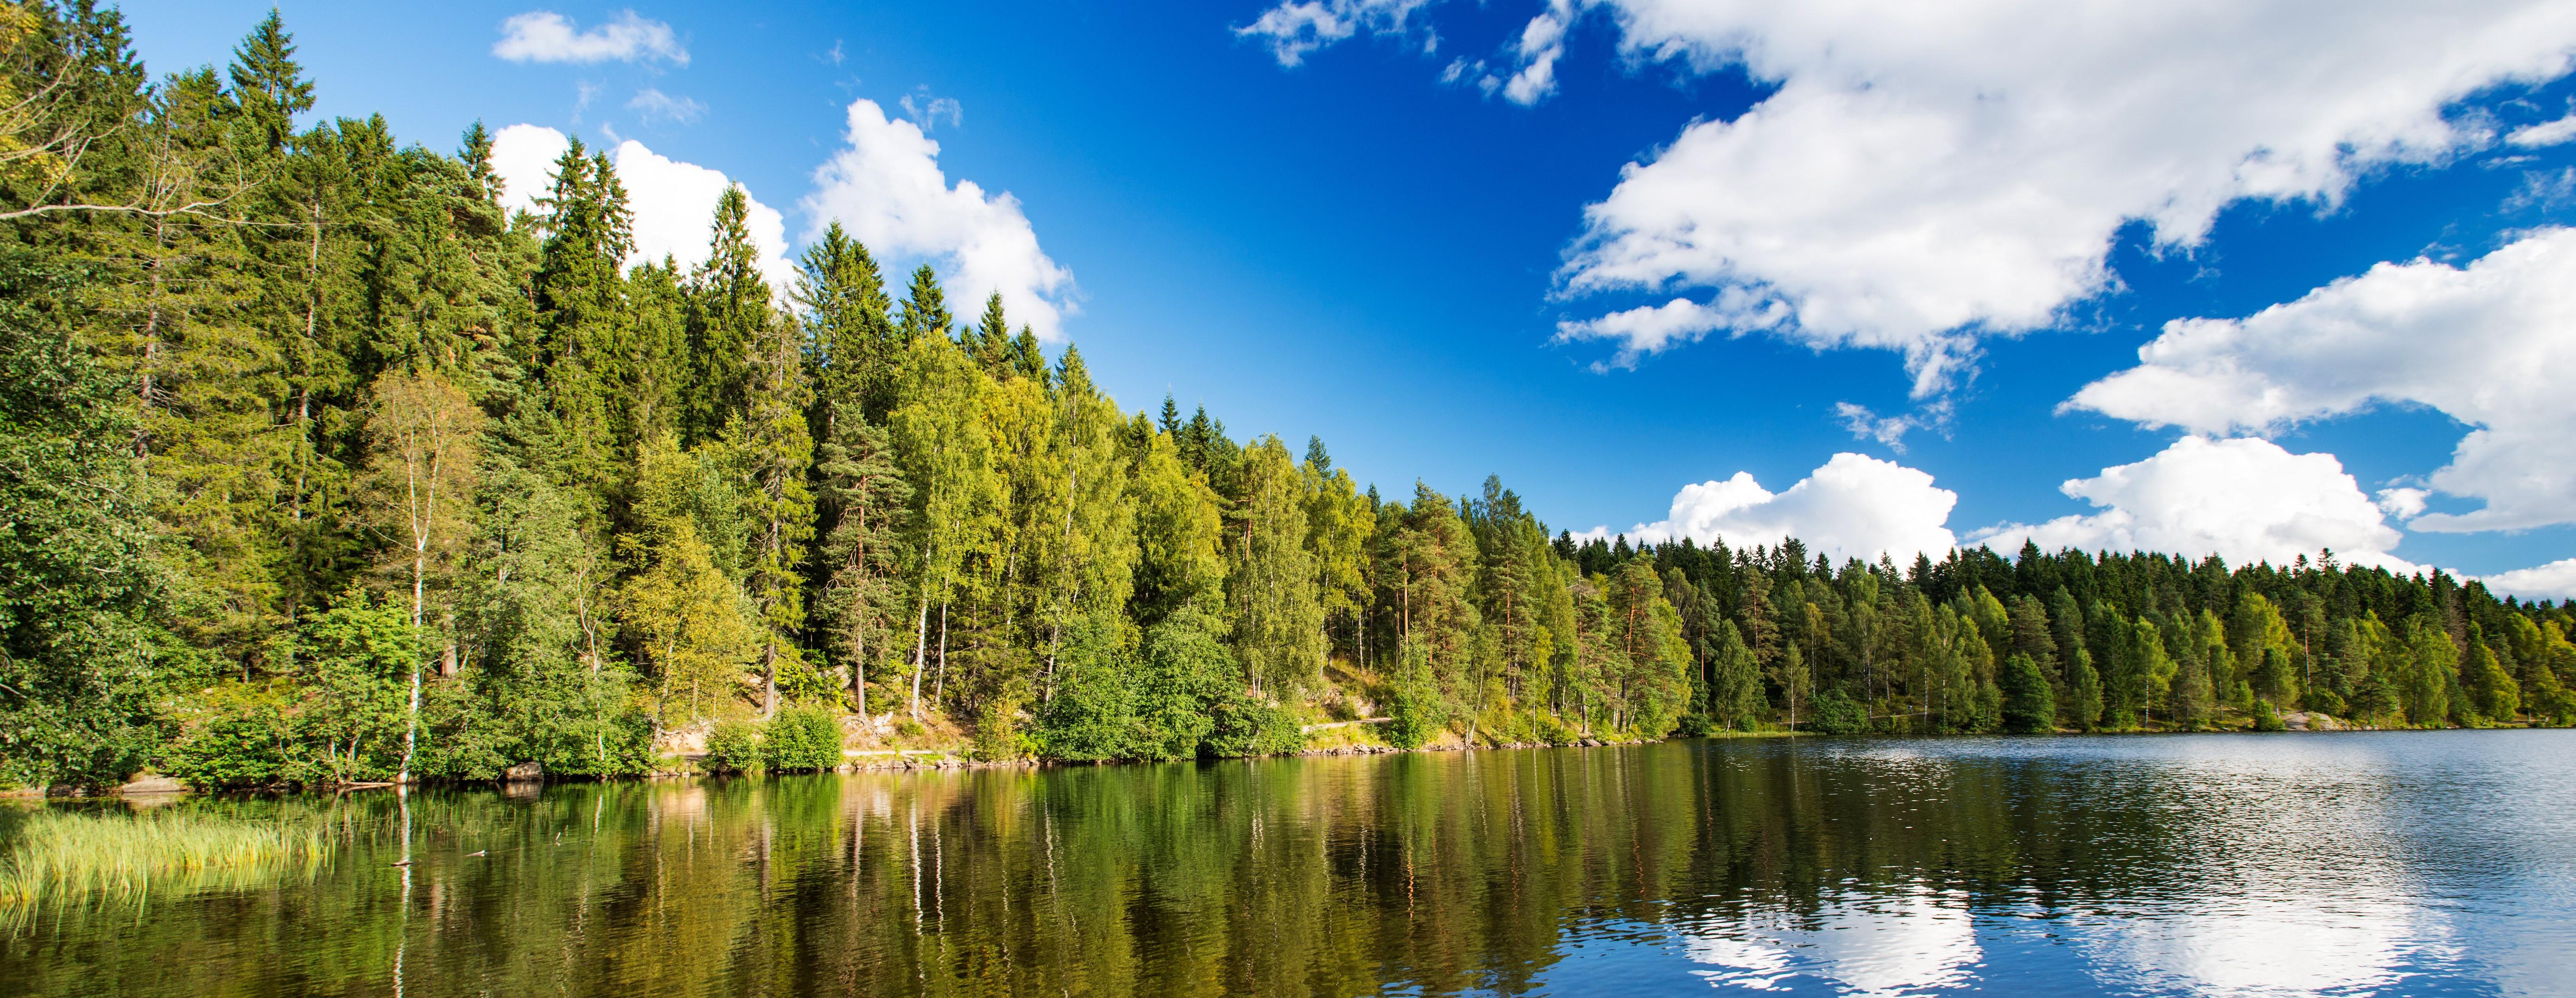 Bilde av innsjø og trær